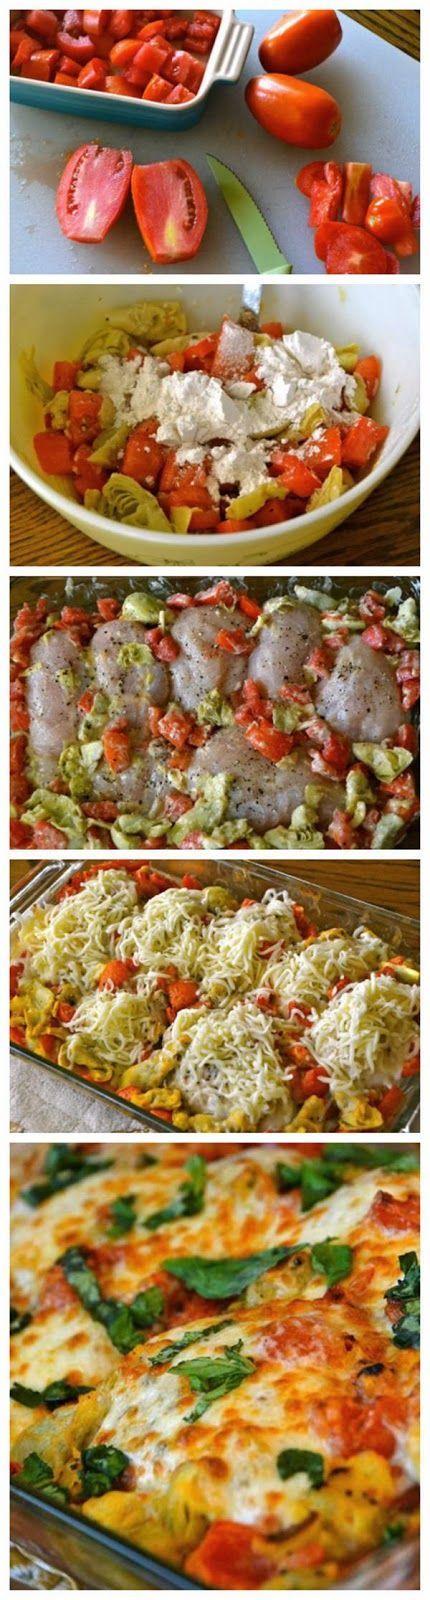 Easy Italian Chicken Bake Recipe